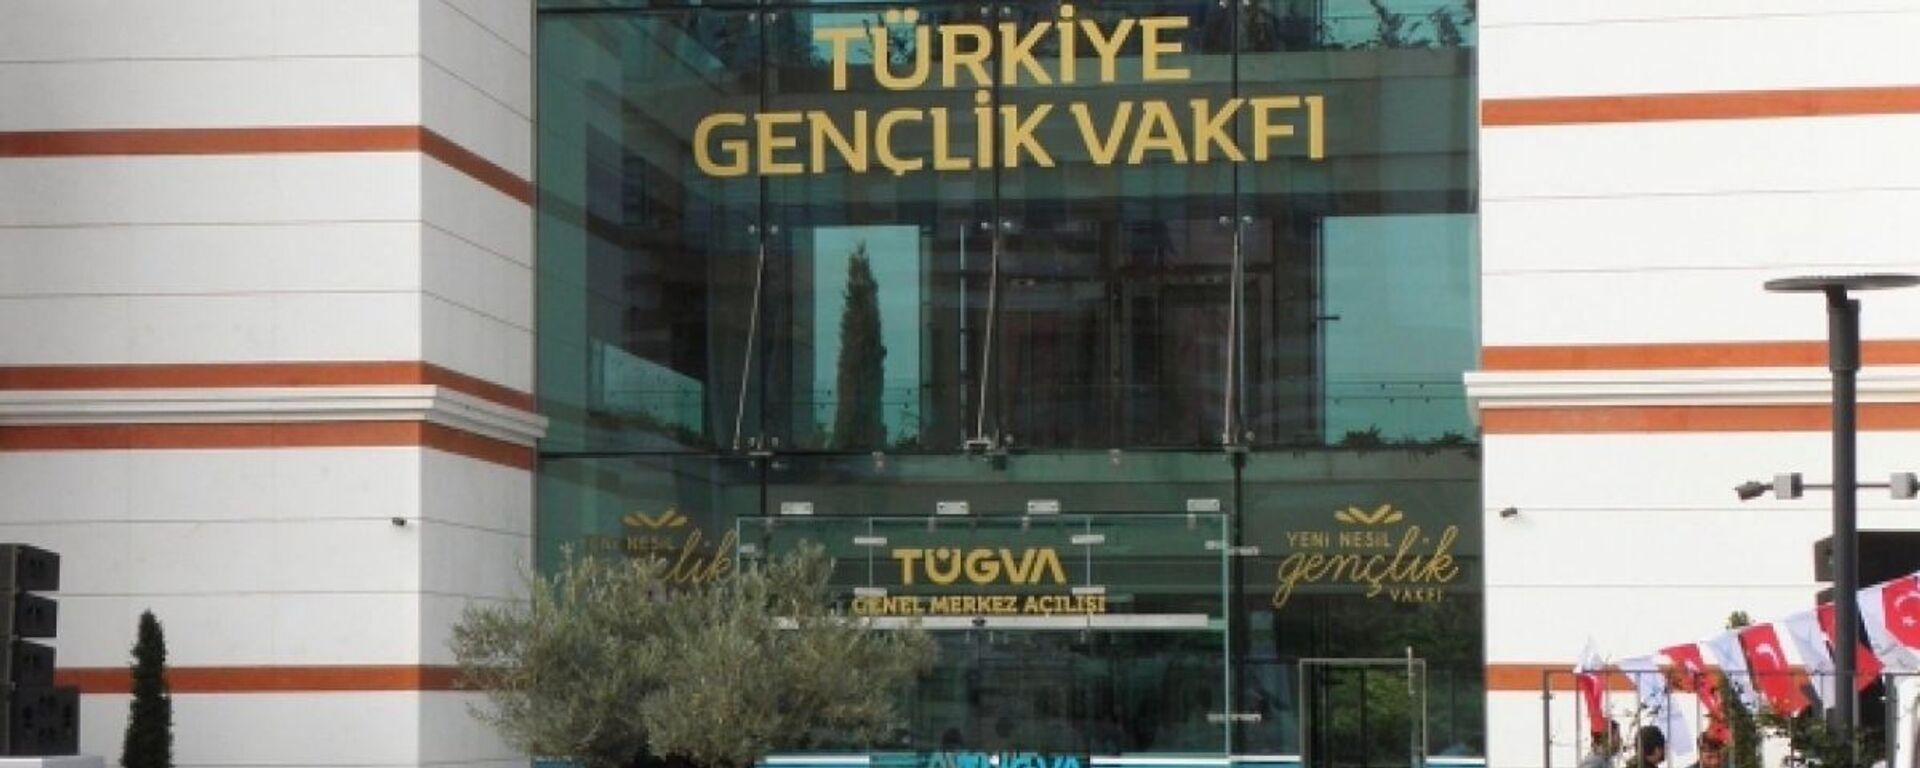 Türkiye Gençlik Vakfı (TÜGVA)  - Sputnik Türkiye, 1920, 13.10.2021